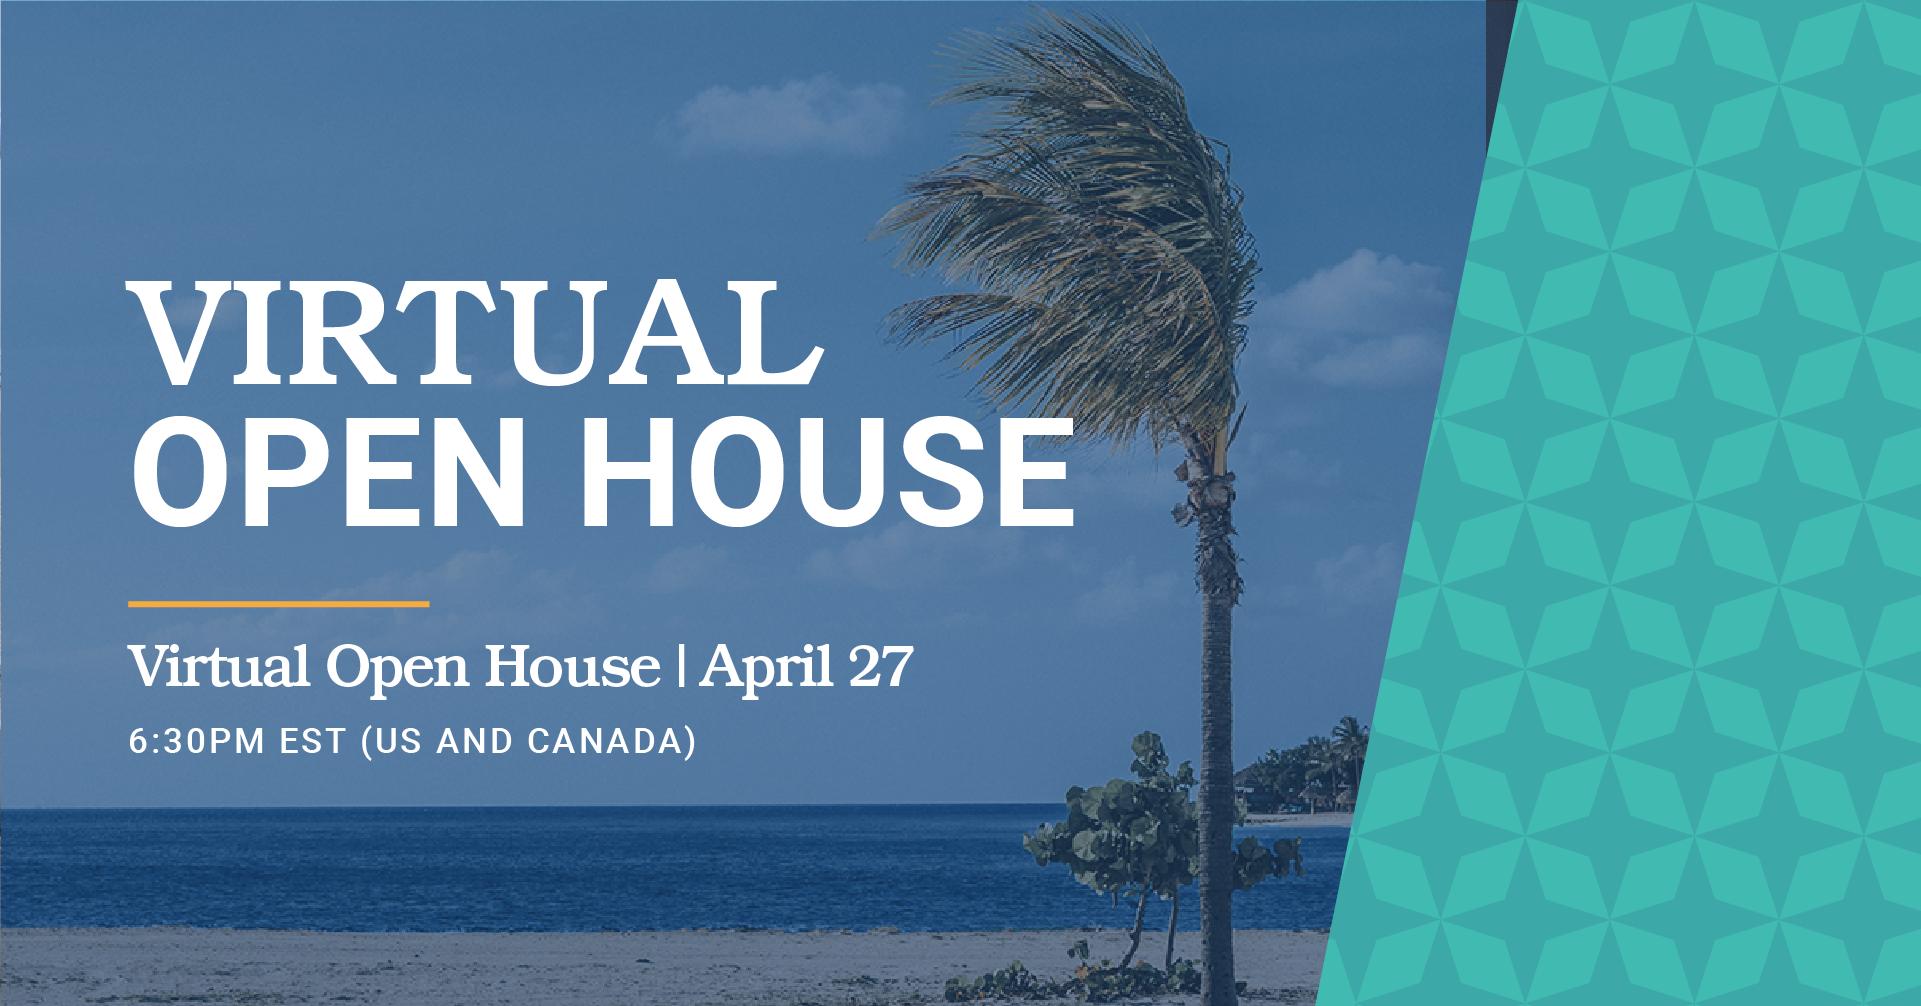 Virtual Open House - Zoom - April 27 - 6:30pm EST